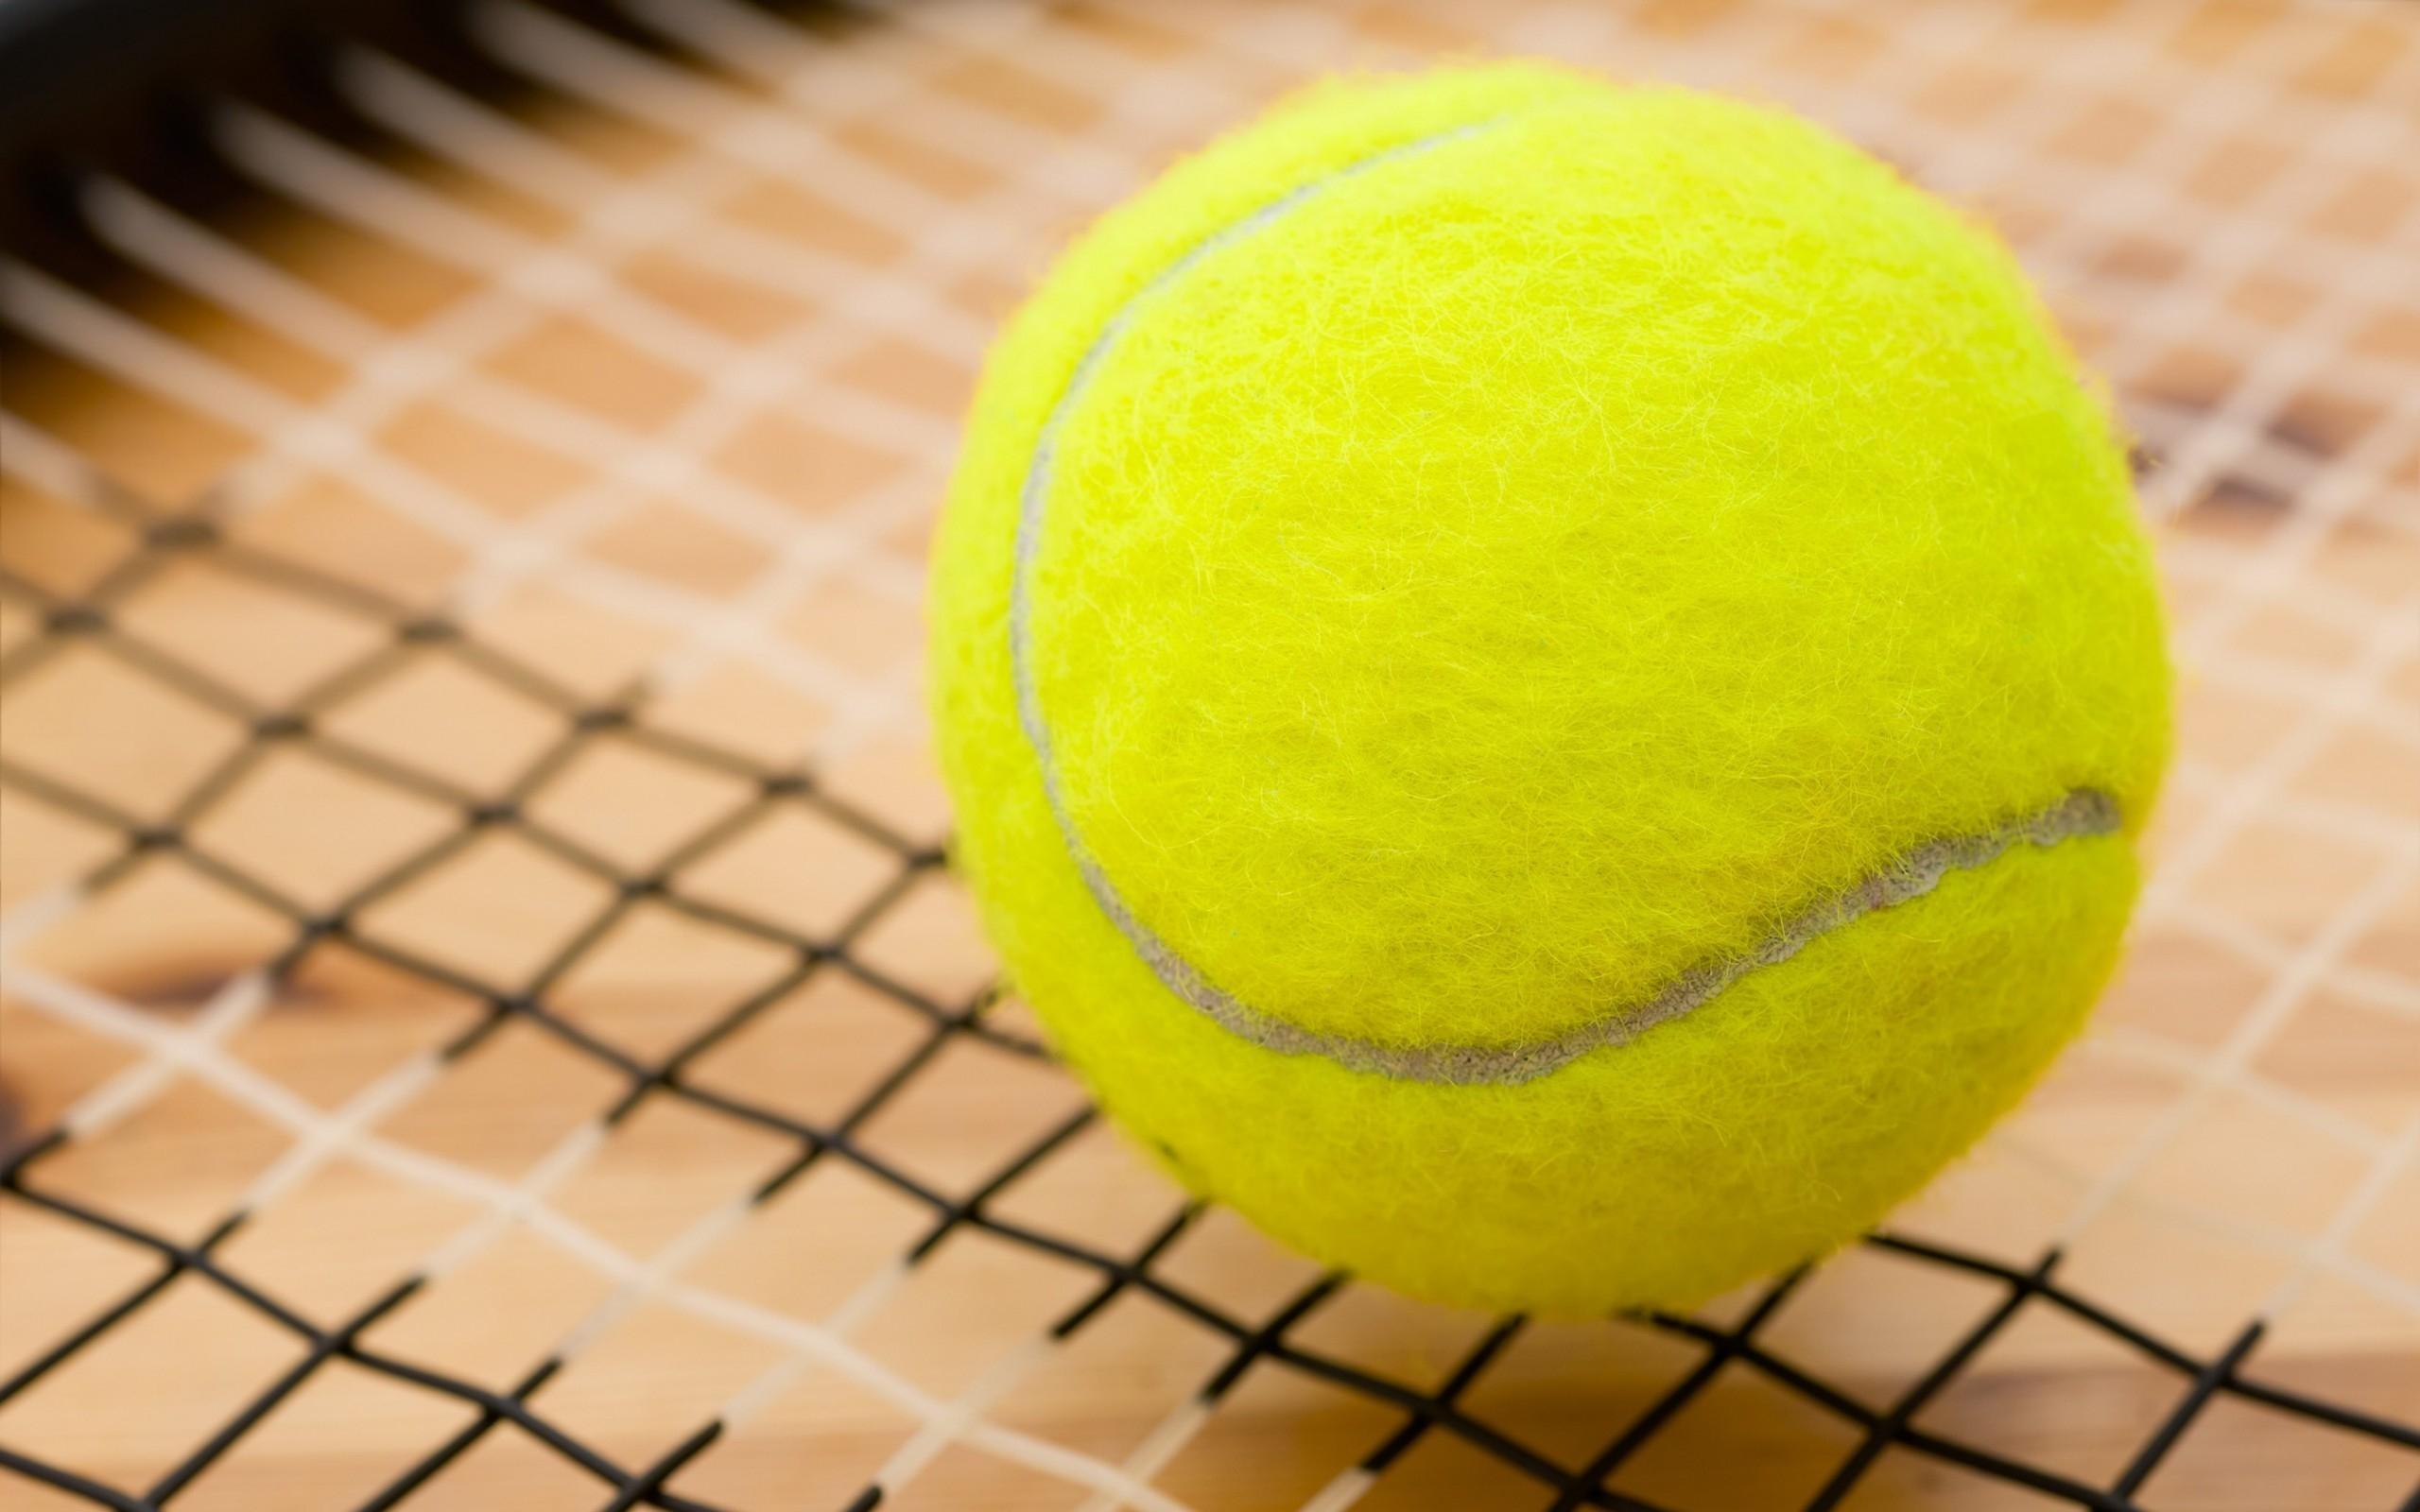 Ball Tennis Sports Wallpaper Hd Wallpapers